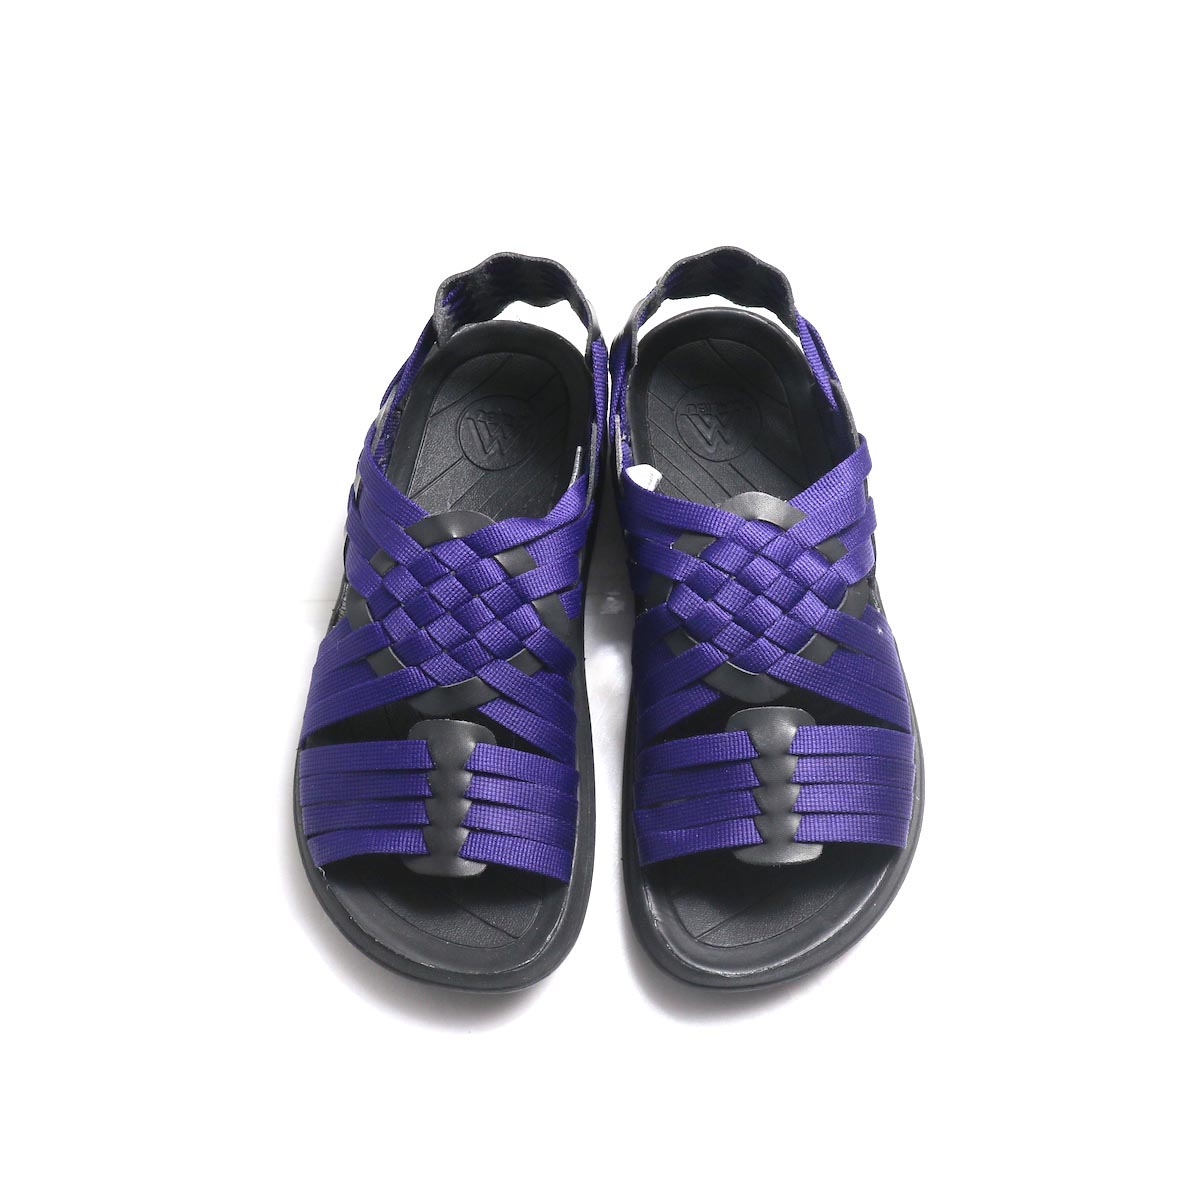 Malibu Sandals / Canyon (Nylon Weave) -Purple 正面